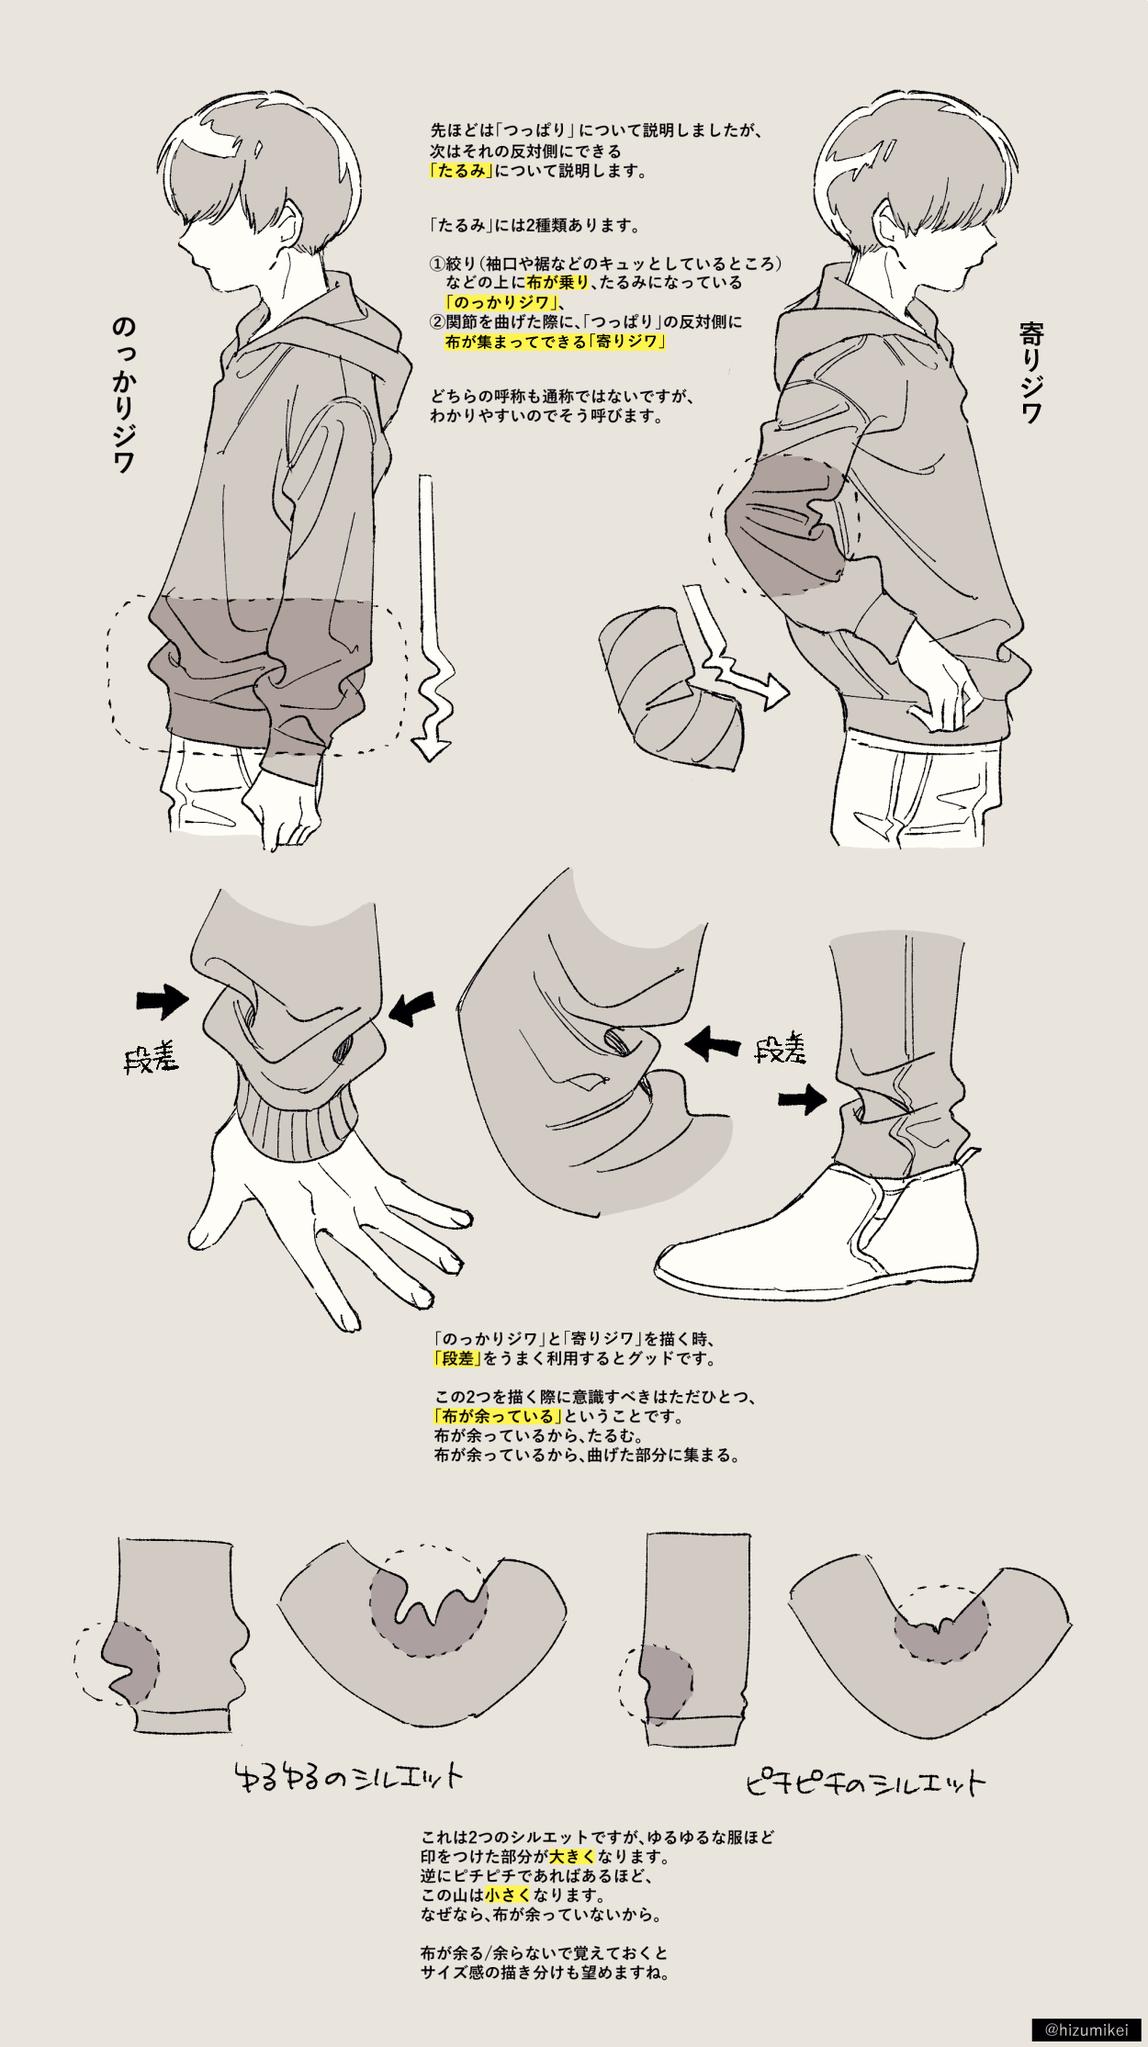 Clothing Refence Fashion Magazinesreference On Clothes: Wrinkles Clothing Reference